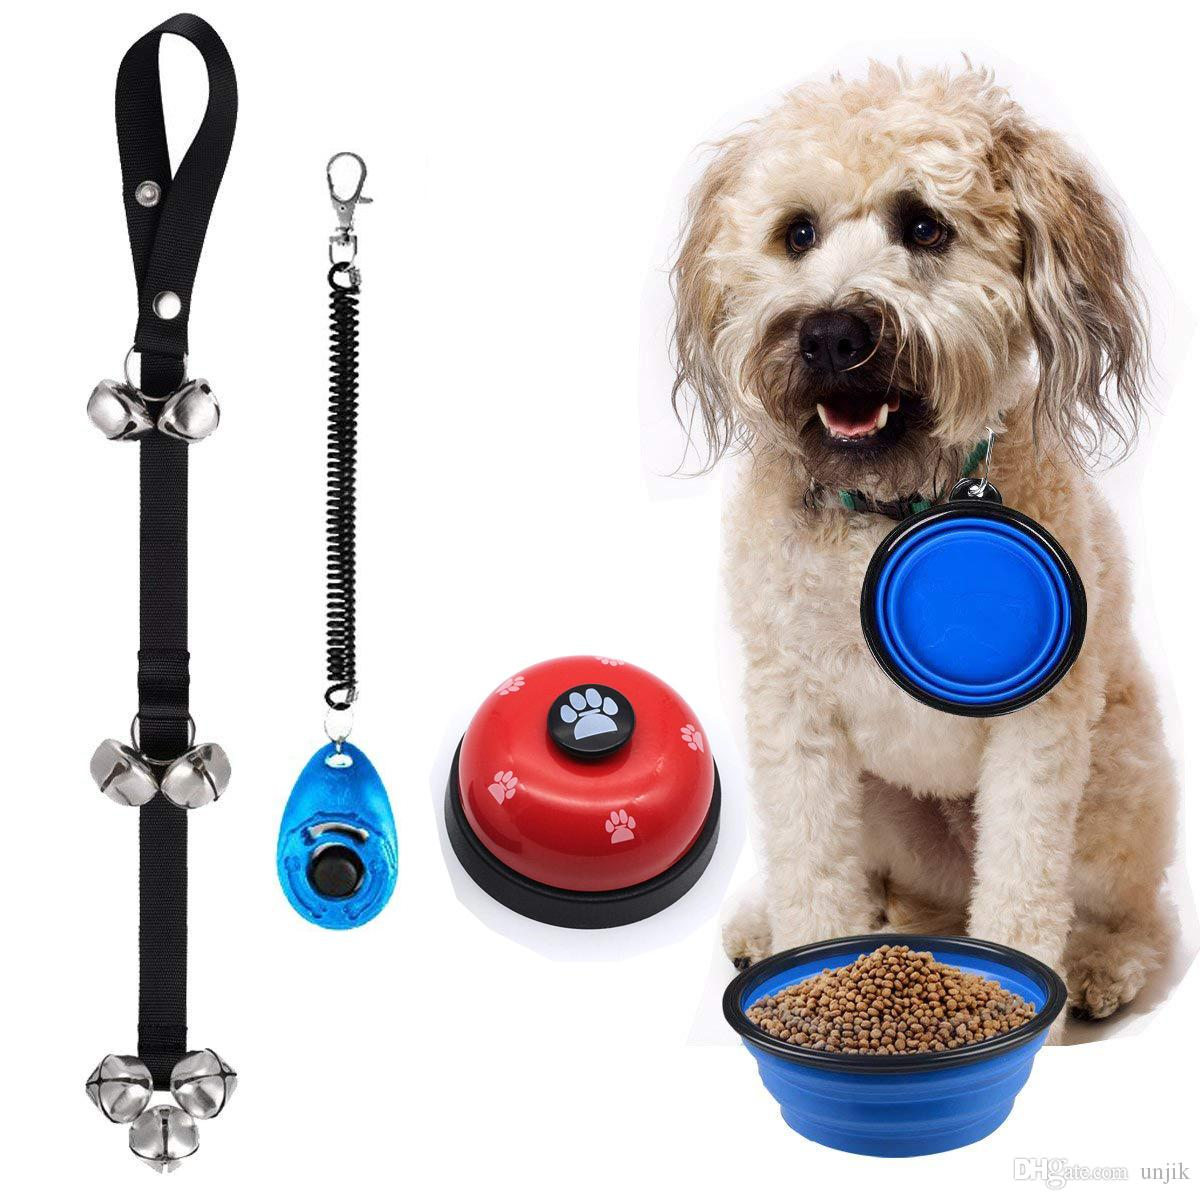 4 in 1 Köpek Eğitim Seti, Köpek Kapı Bell Pet Kedi Köpek Katlanabilir Silikon Kase Yavru köpek Kapı Zilleri Eğitim Clicker Kiti, köpek eğitim çanları için